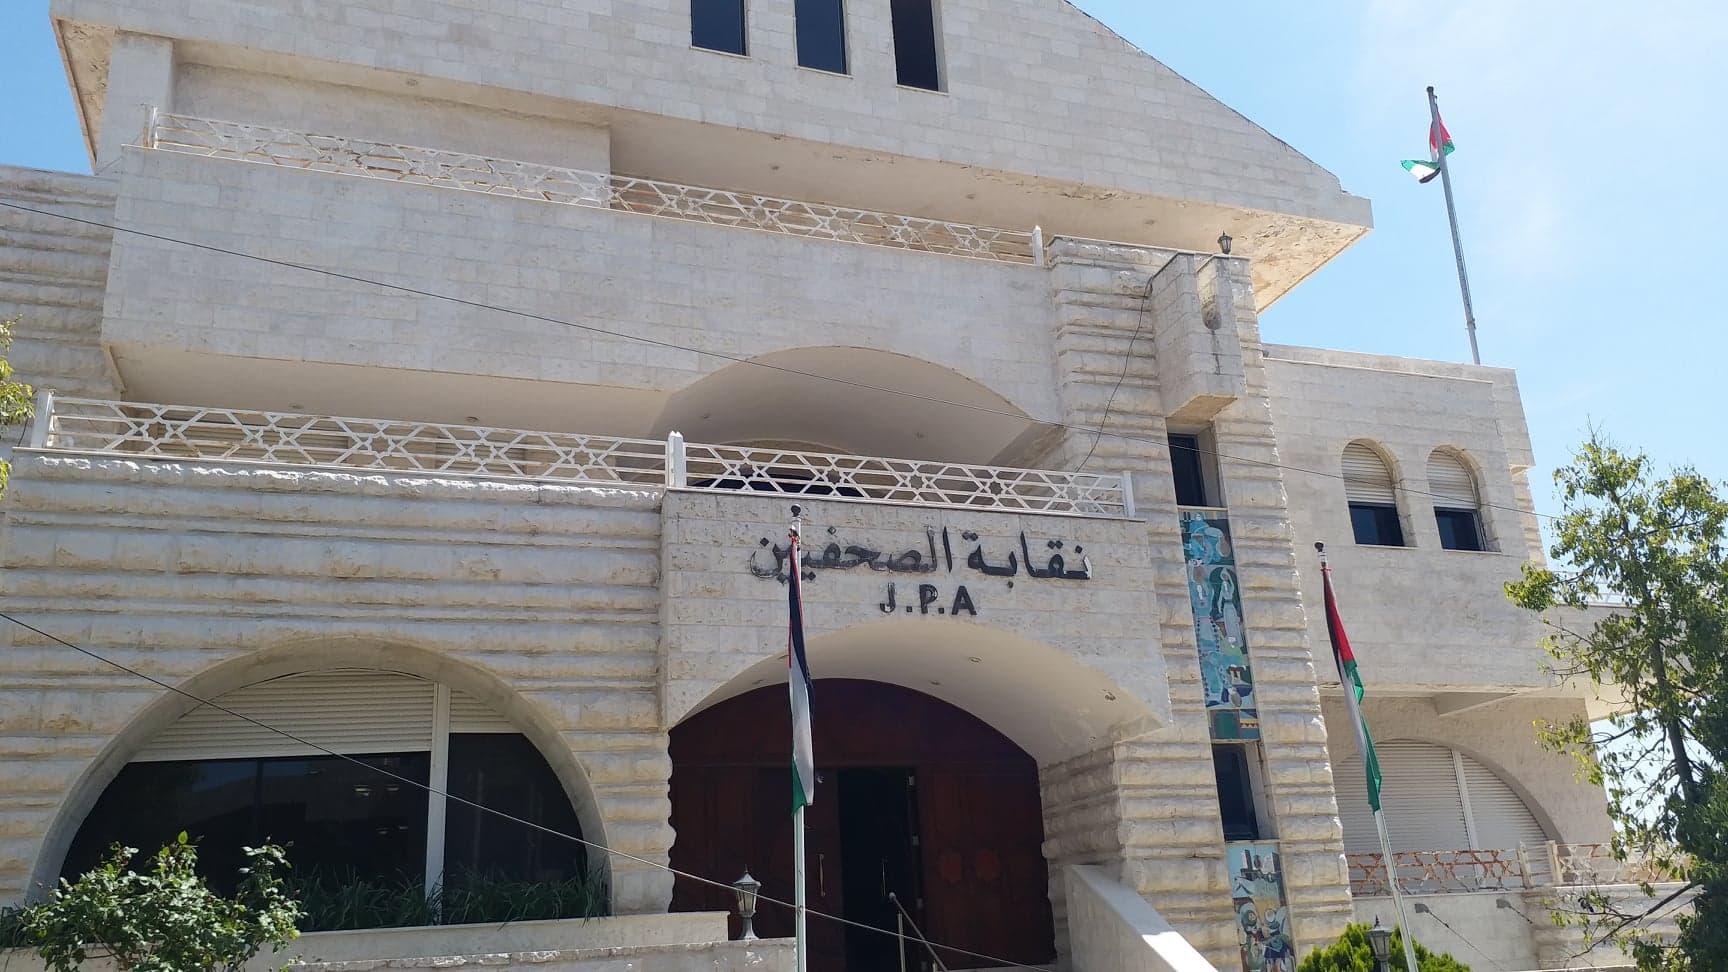 مجلس نقابة الصحفيين يجدد دعمه لمطالب الزملاء في بترا - صحيفة المقر